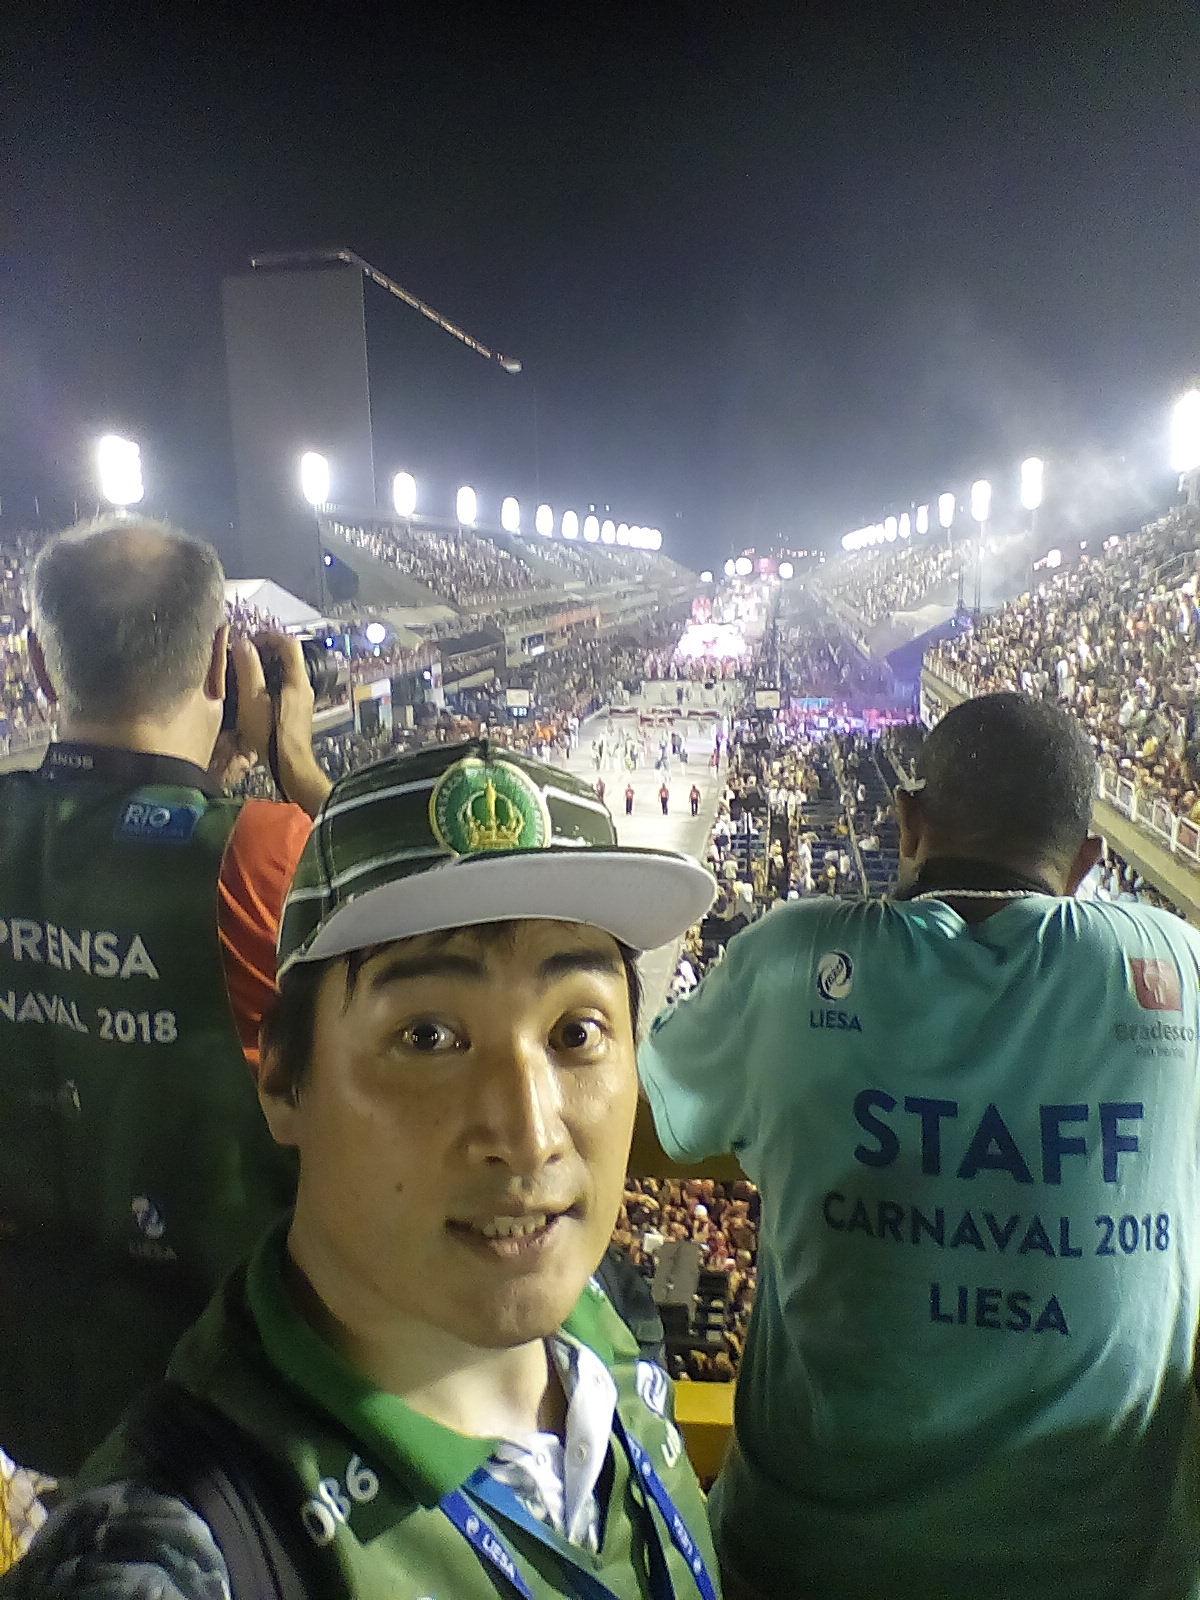 【ブラジルでの活動◉まとめアーカイヴ】リオのカーニバルこと、カルナヴァル・リオでの活動写真_b0032617_14422041.jpg